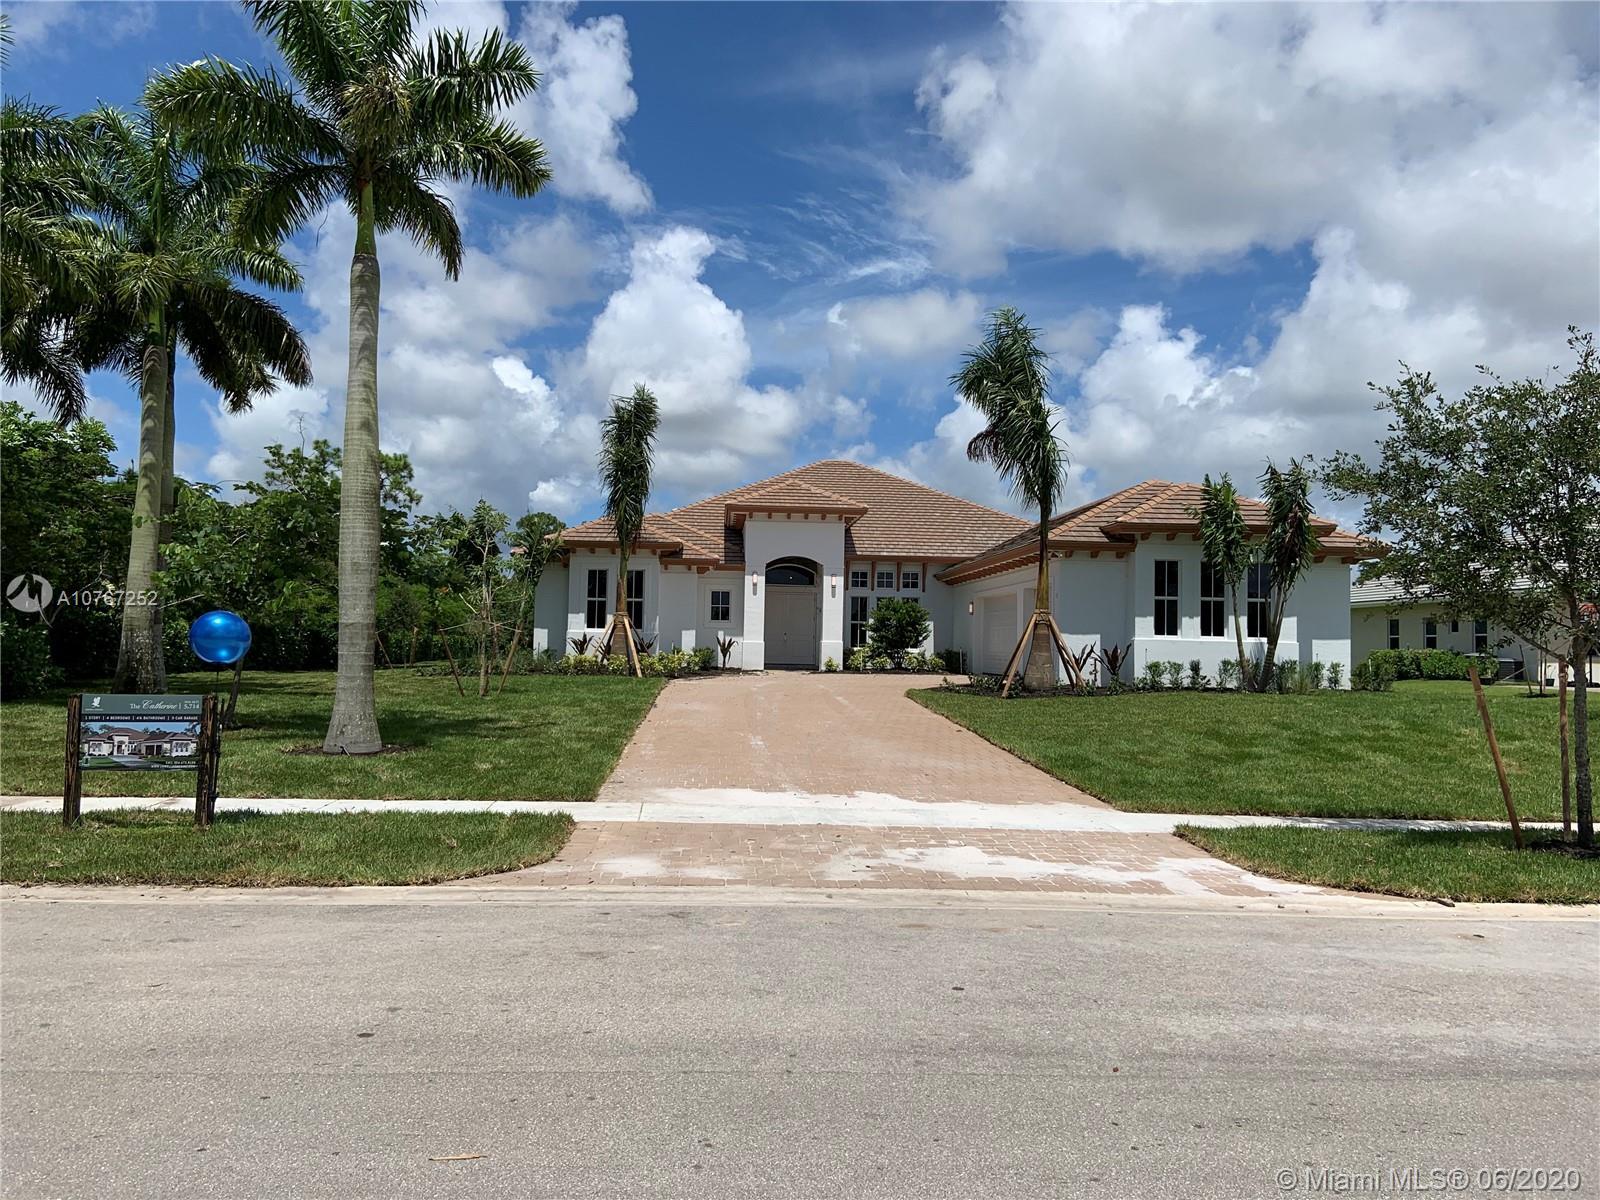 7361 Sisken Ter, Lake Worth, FL 33463 - Lake Worth, FL real estate listing